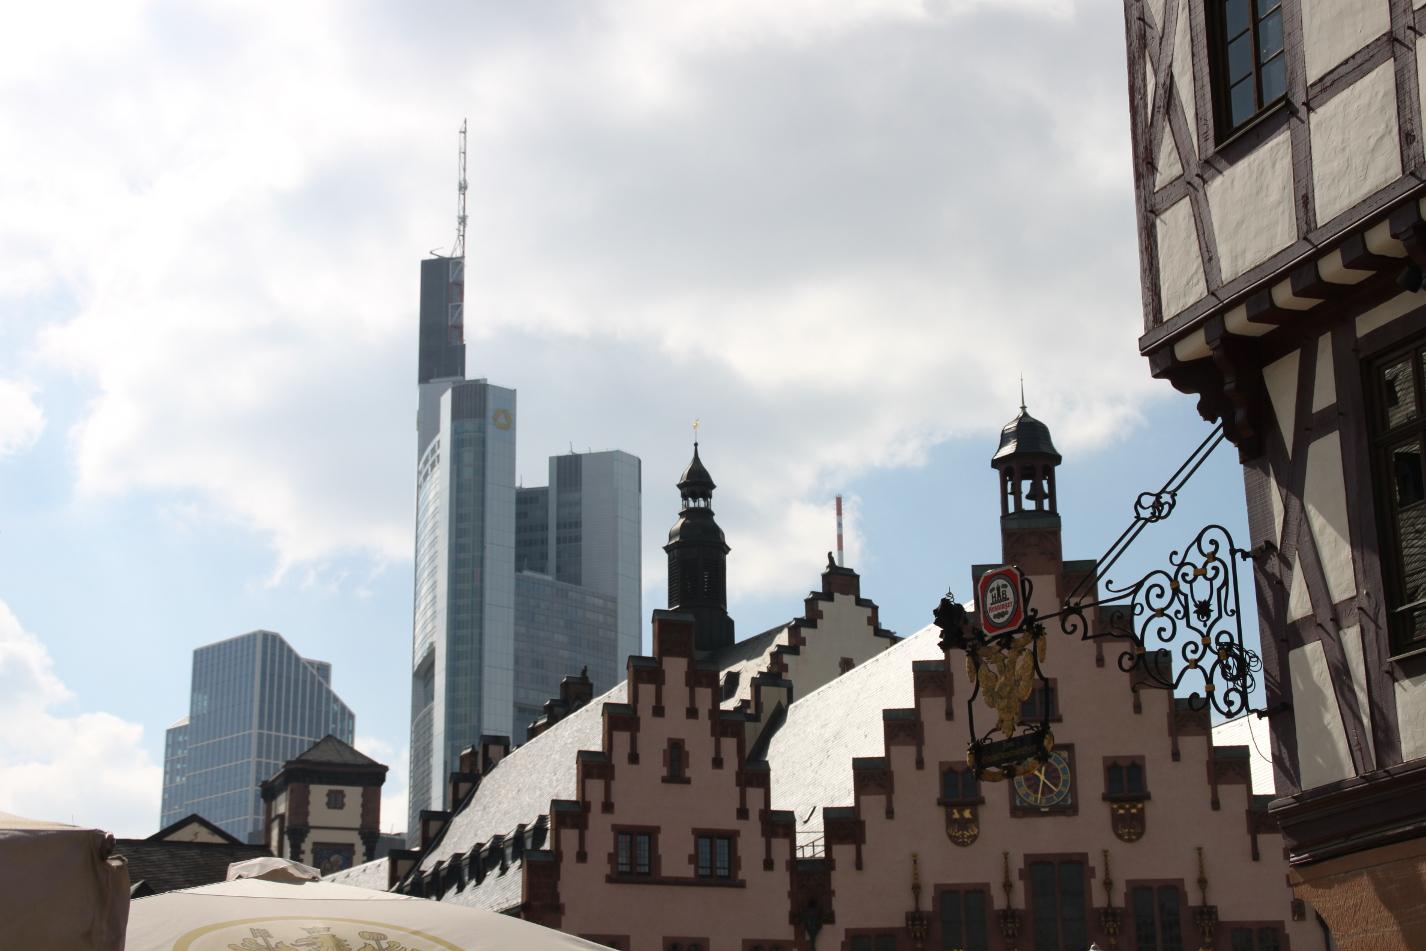 Römer im Vordergrund, Commerzbank im Hintergrund